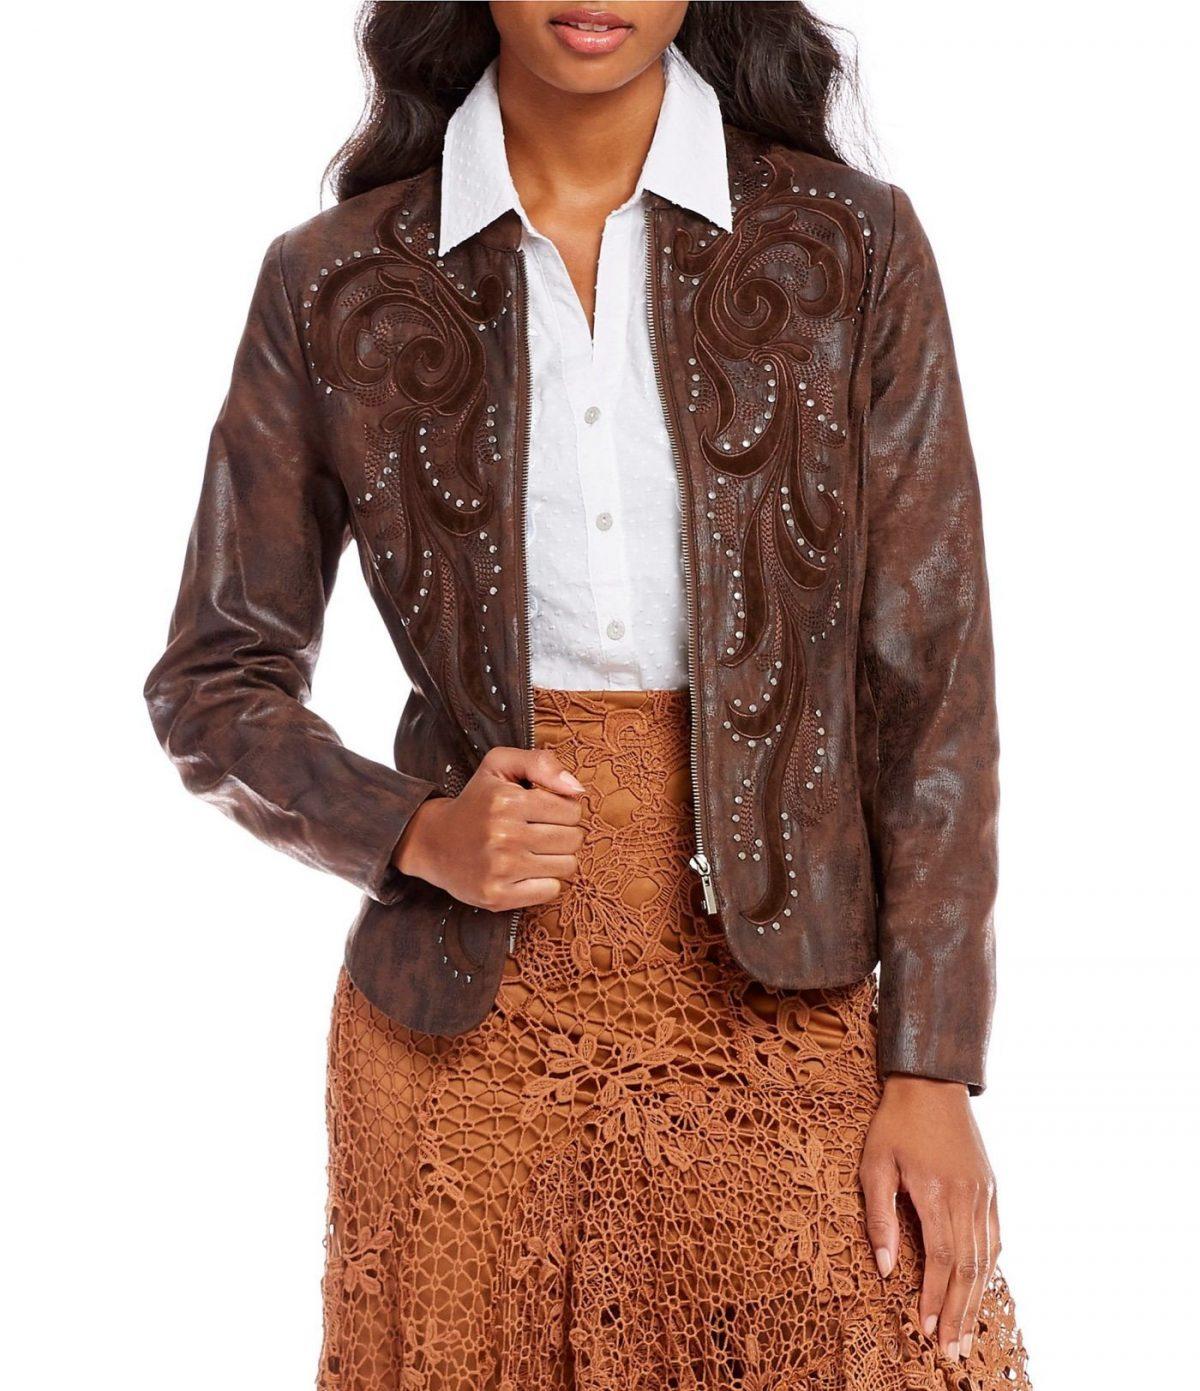 модные образы весна 2019: коричневый пиджак и горчичная юбка из кружева